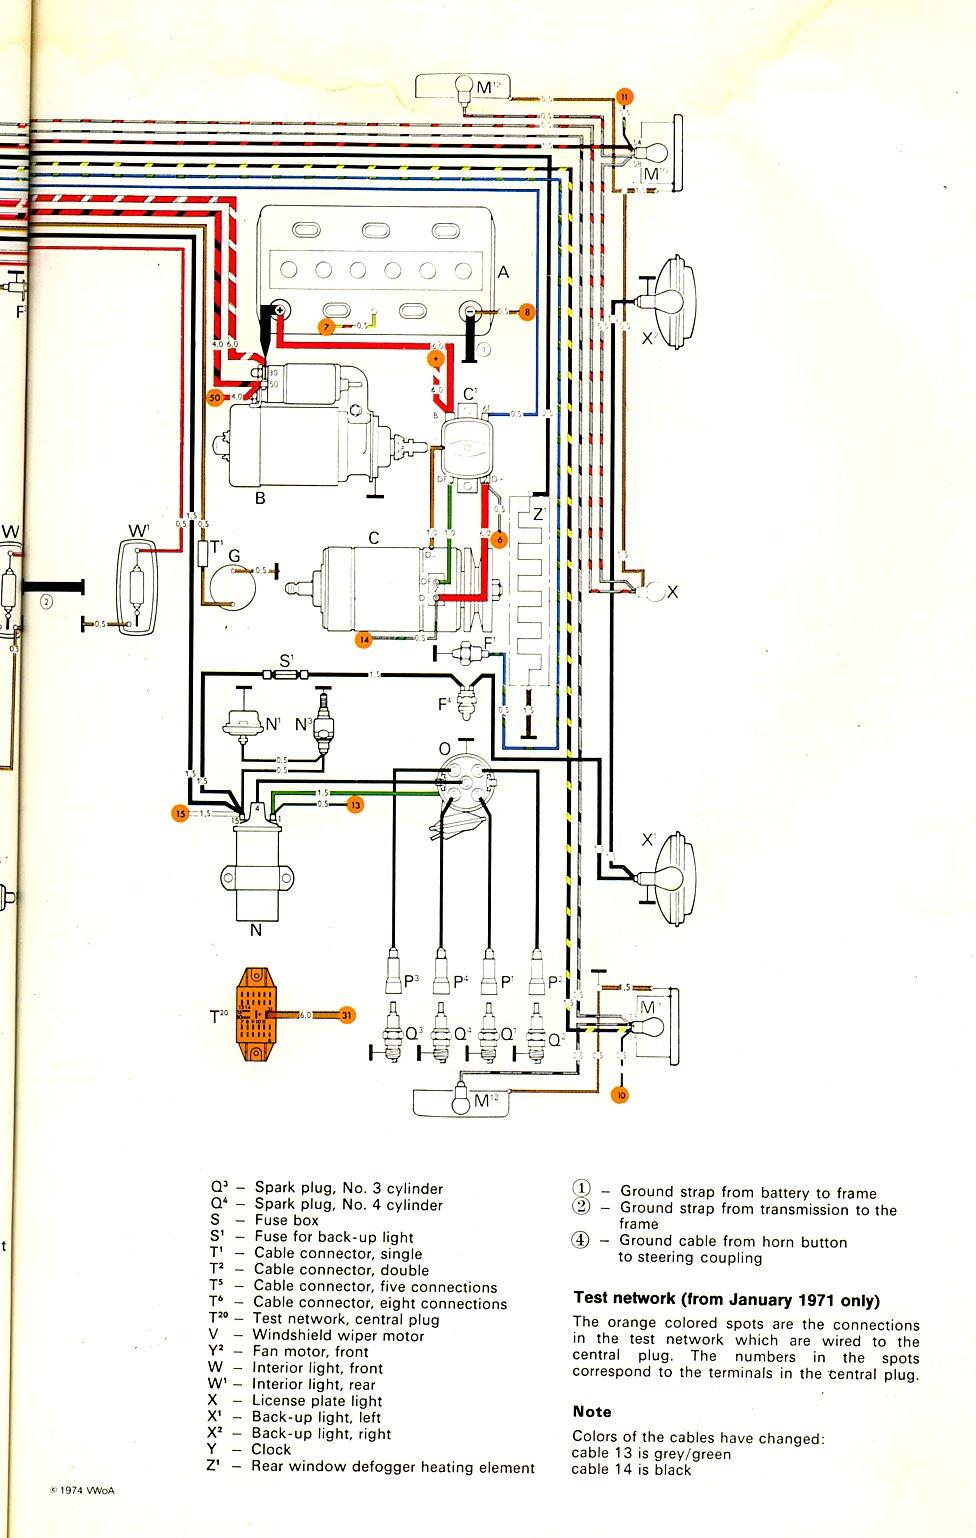 audi symphony 2 wiring diagram yz 4854  fog light wiring diagram in addition ford smog pump  fog light wiring diagram in addition